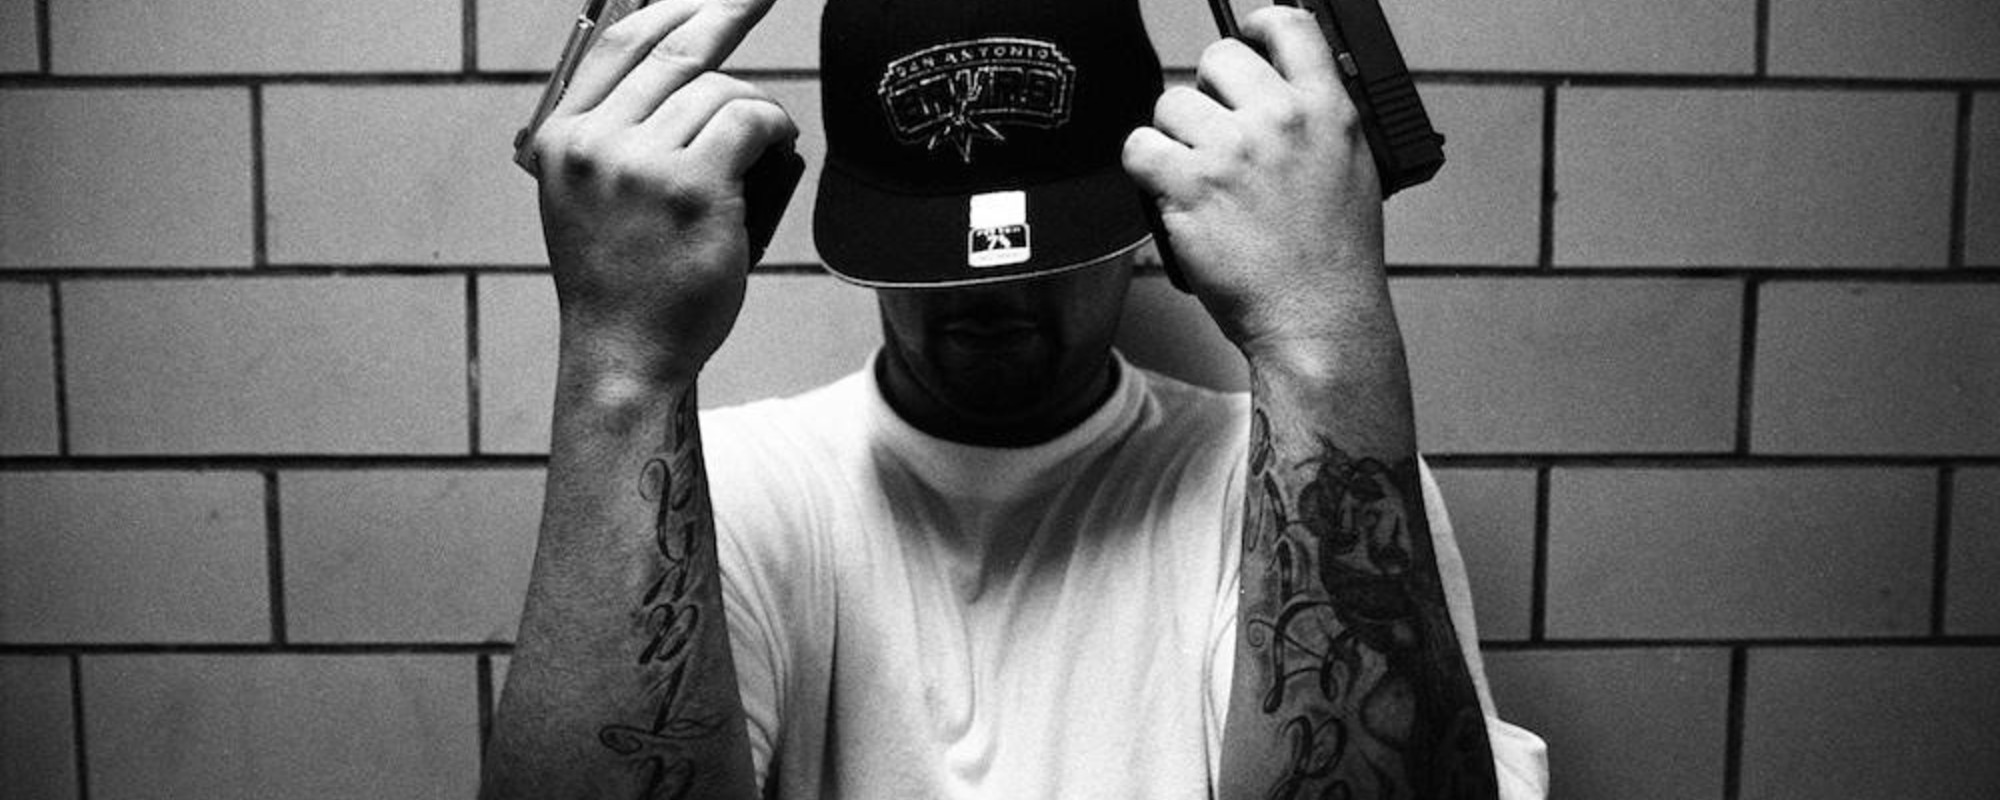 Η Ζωή των Gangsta του Μπρούκλιν σε Εικόνες από τη Δεκαετία του 2000